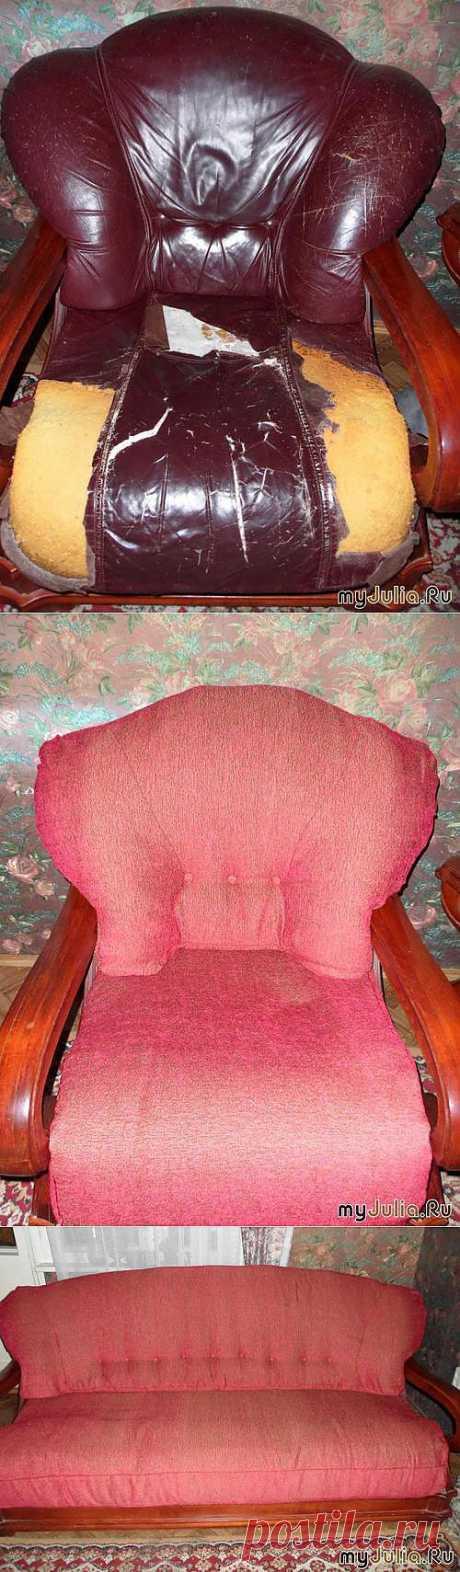 Апгрейд мягкой мебели (пошив чехлов): Рукоделие - женская социальная сеть myJulia.ru